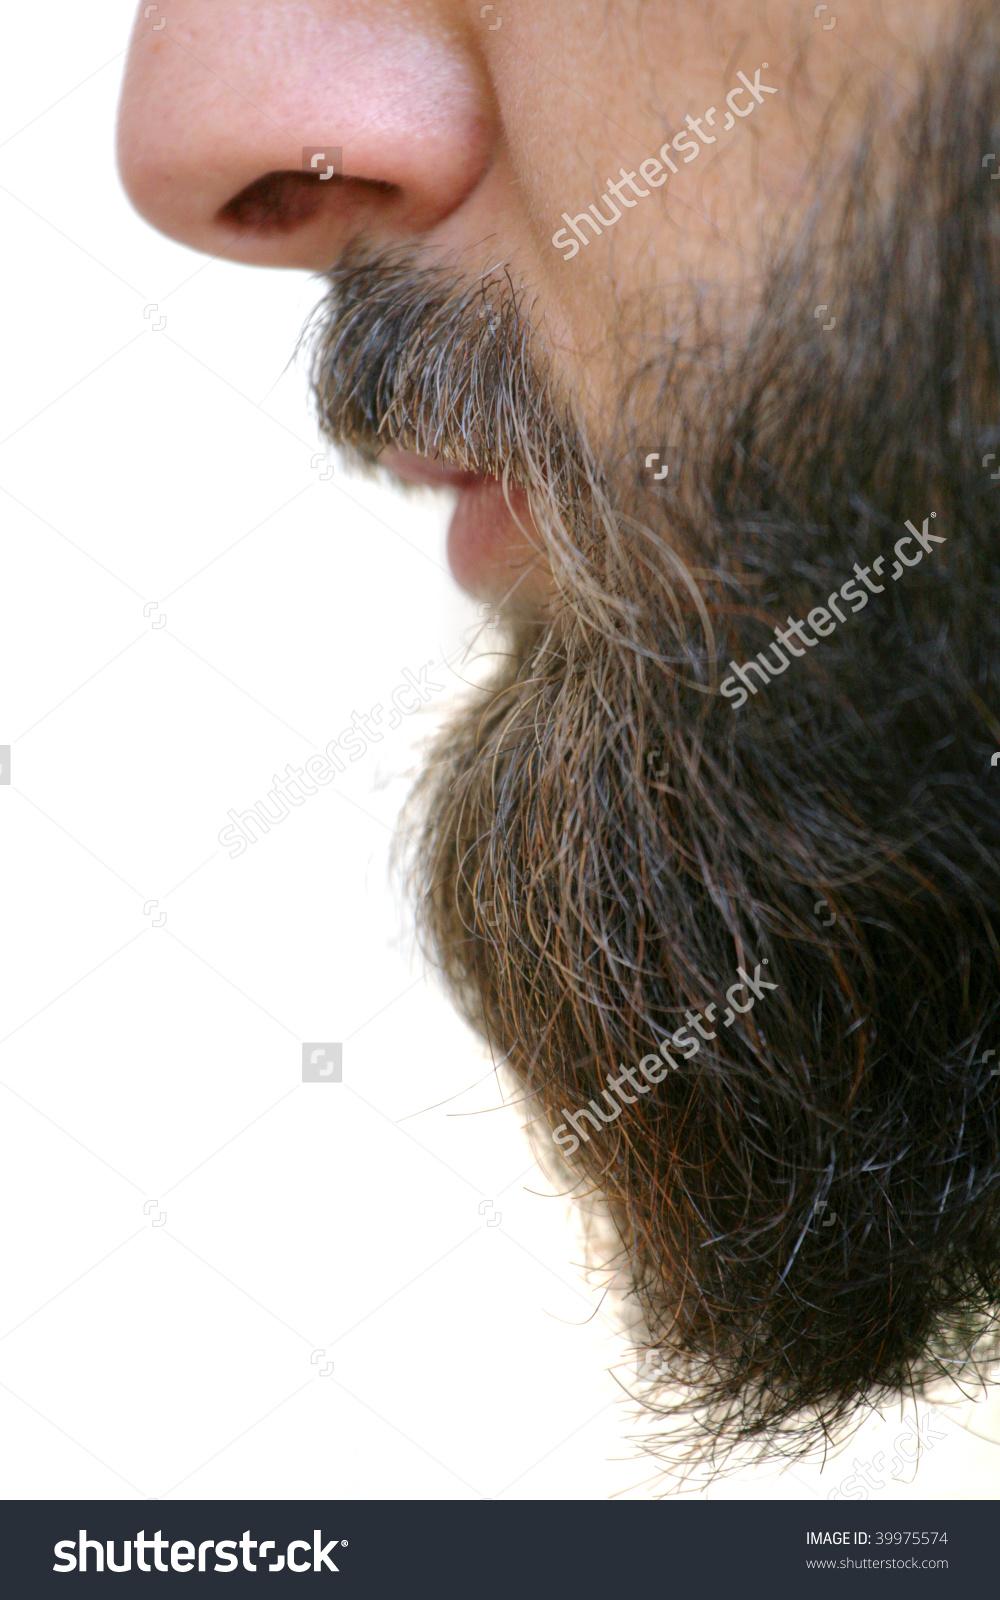 Beard Closeup Stock Photo 39975574.